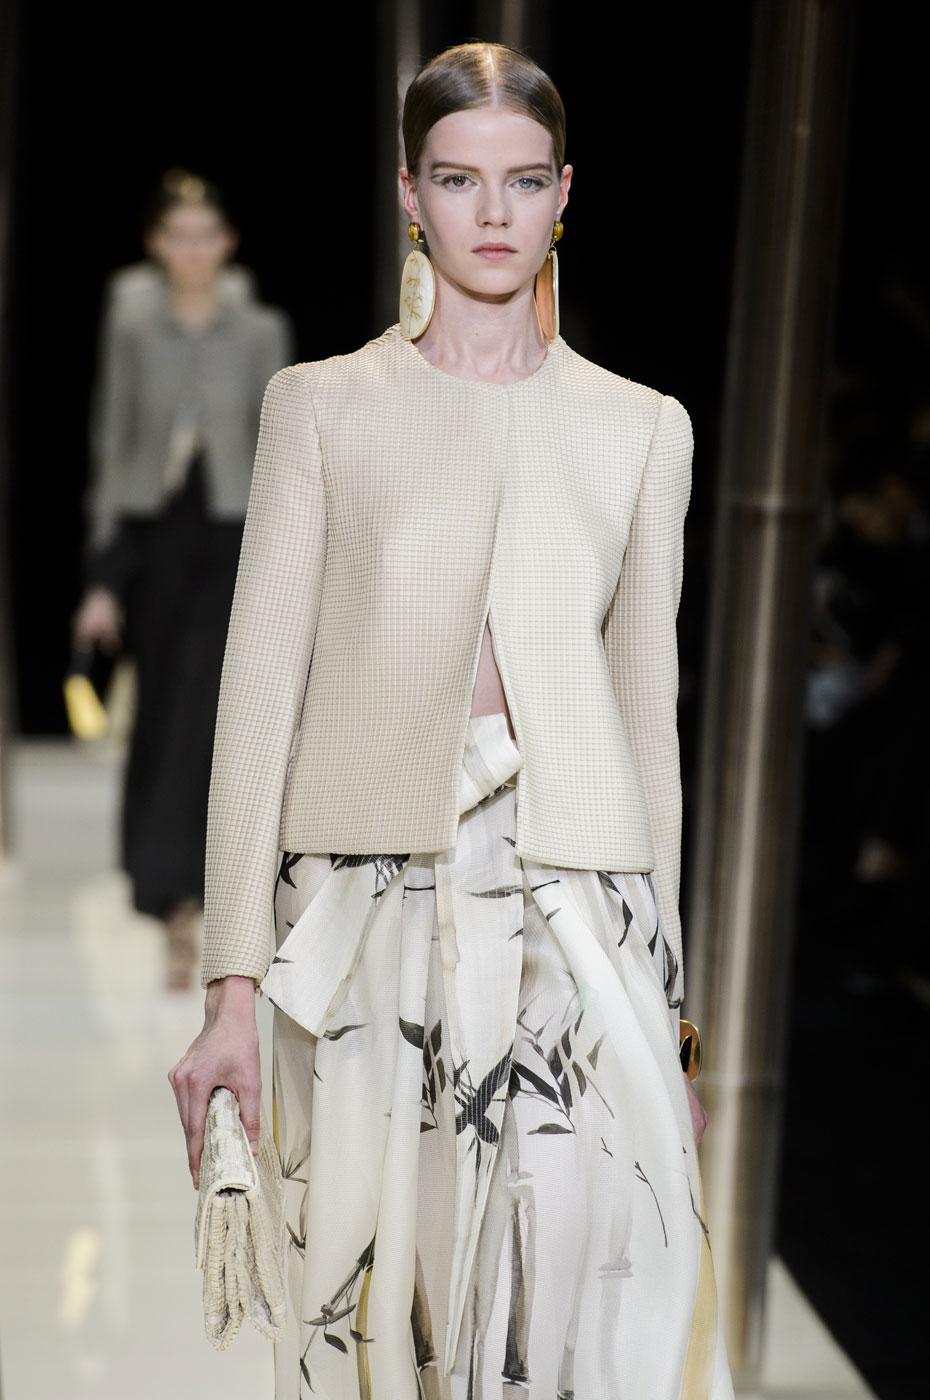 Giorgio-armani-Prive-fashion-runway-show-haute-couture-paris-spring-2015-the-impression-014